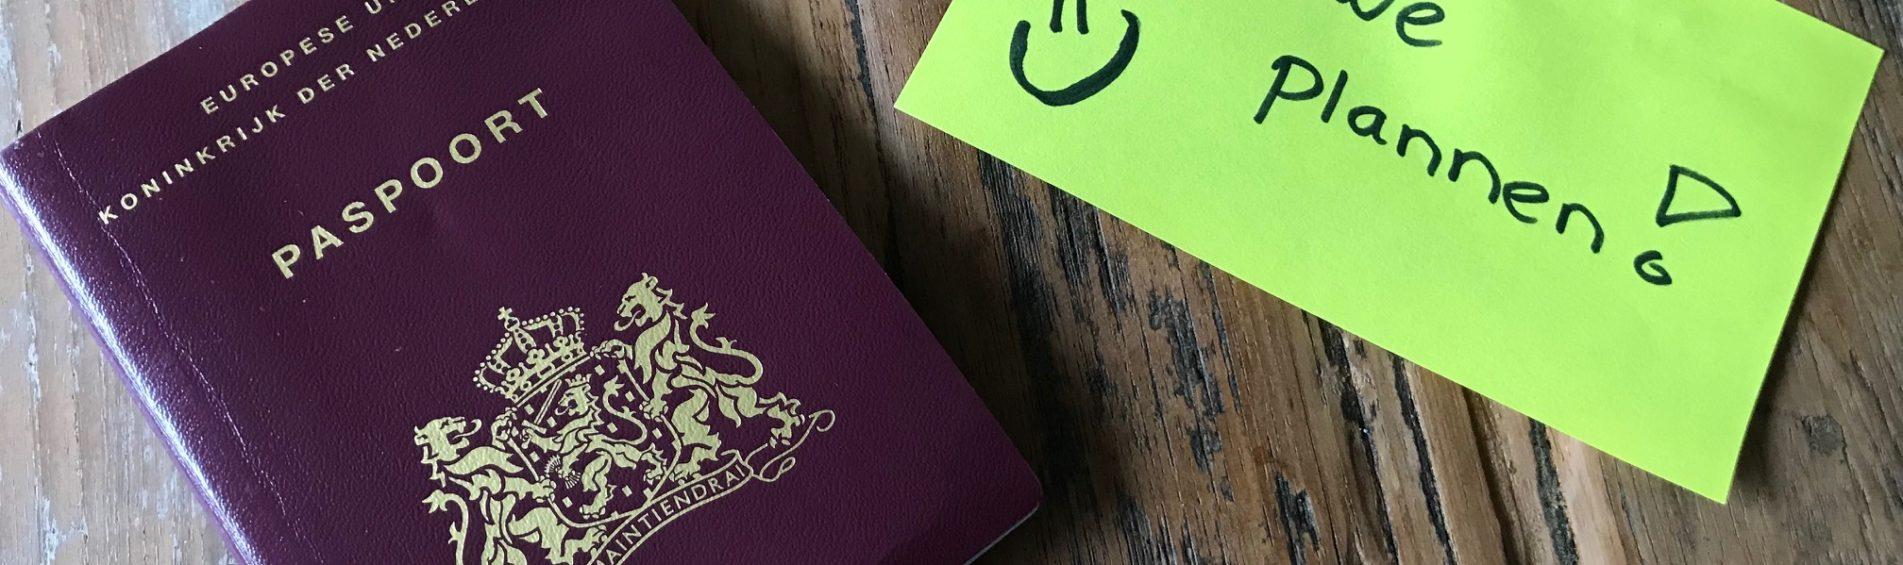 Change of plans… en daarom aangeboden: reisgidsen voor de Filipijnen!